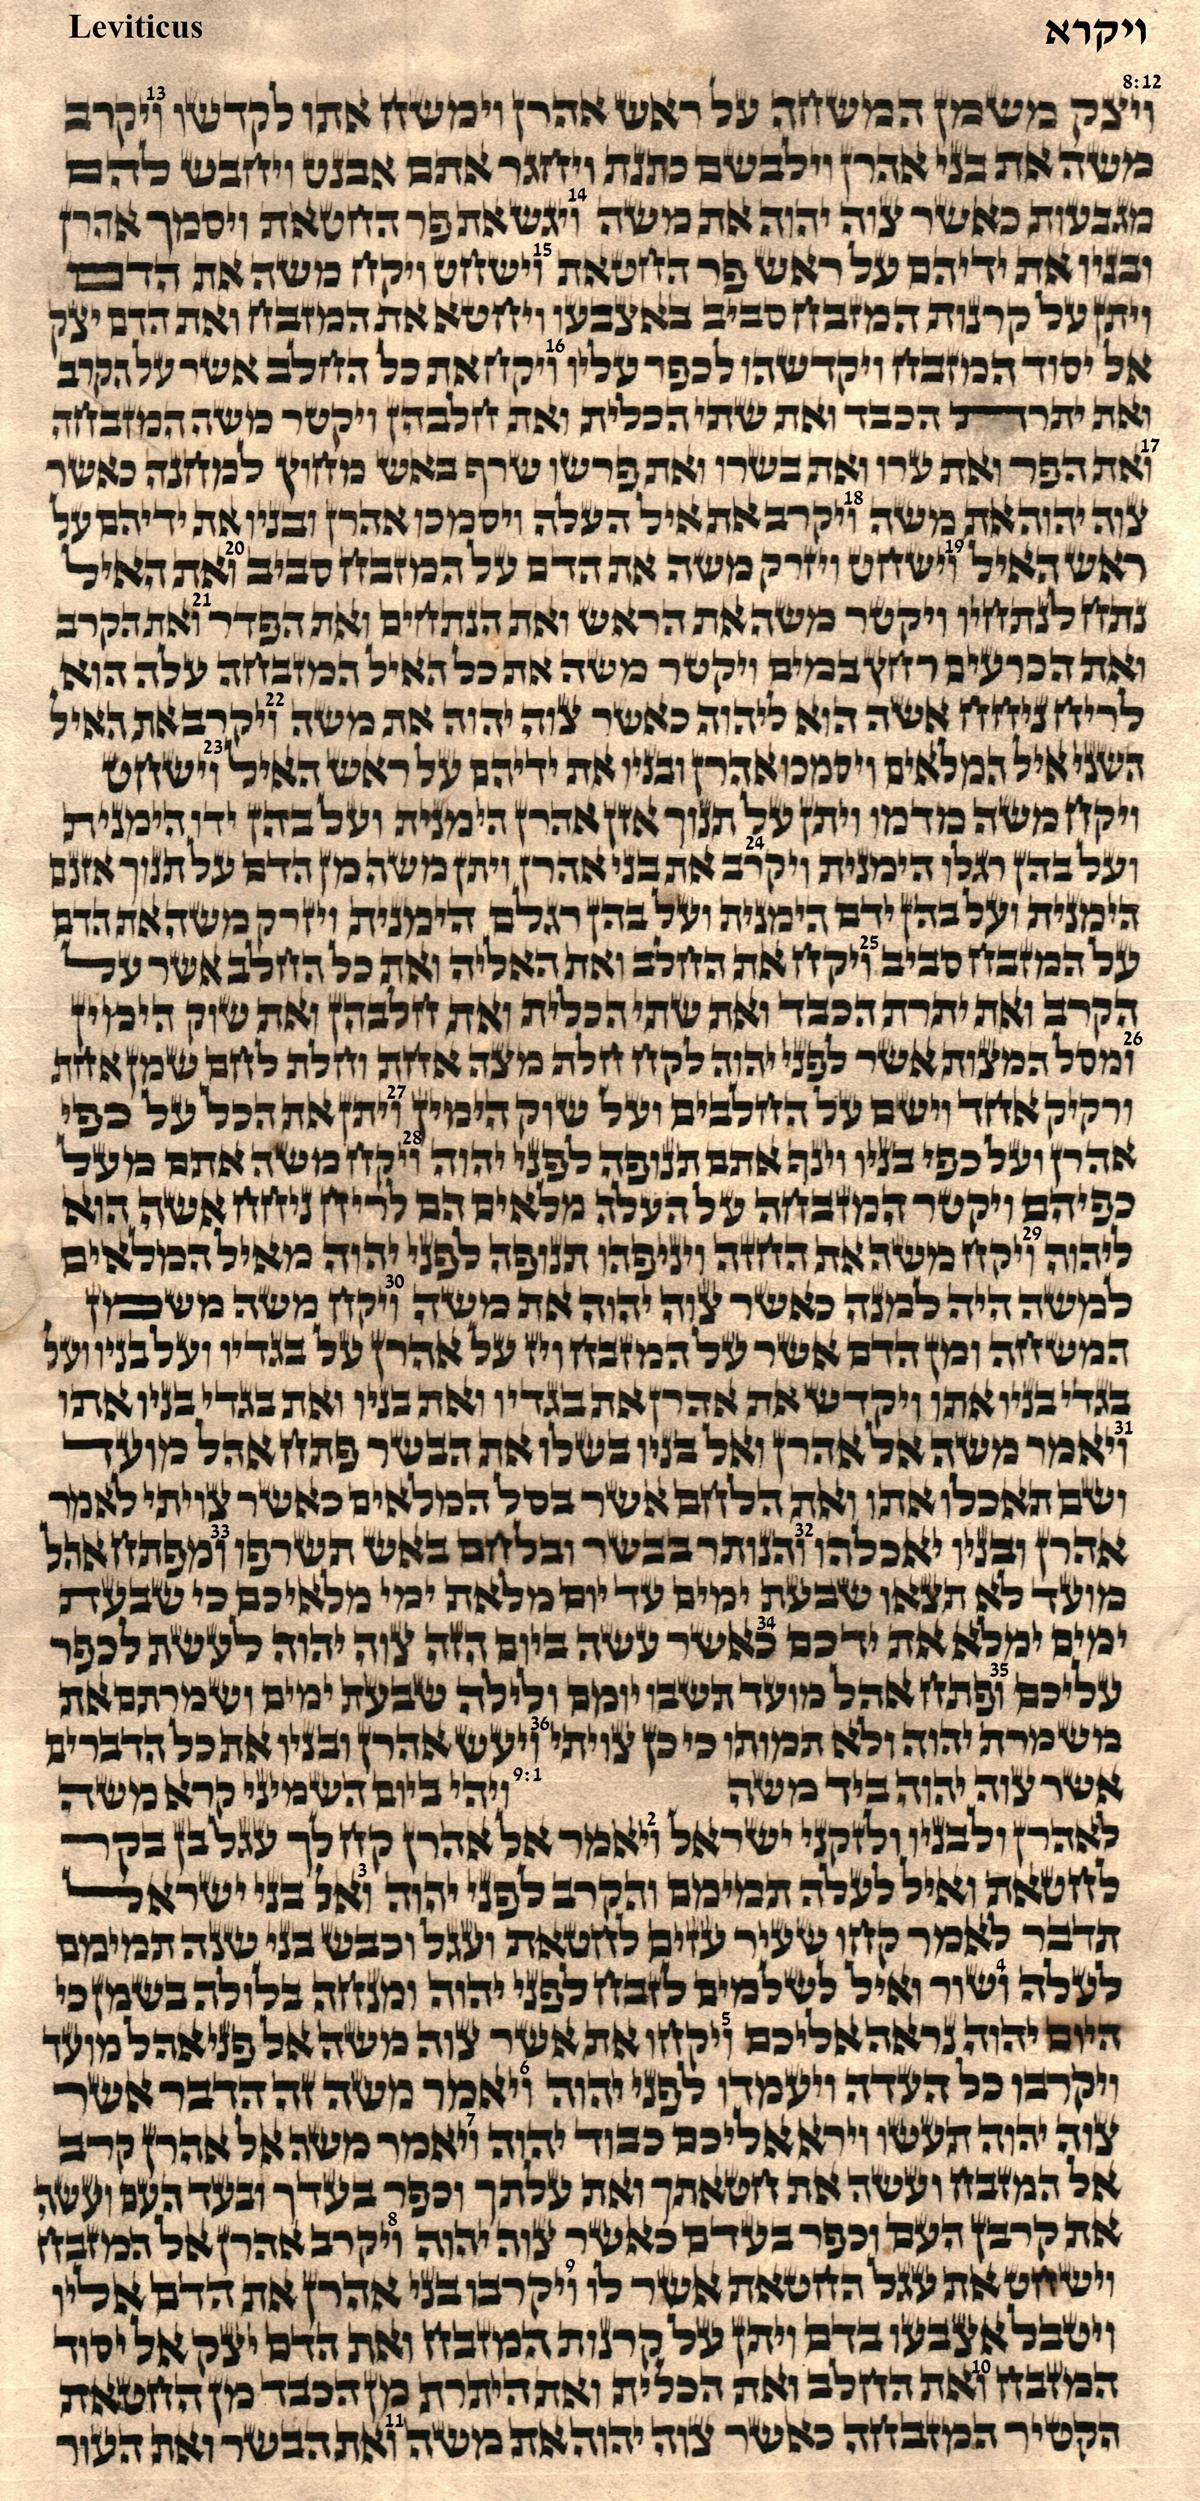 Leviticus 8.12 - 9.11